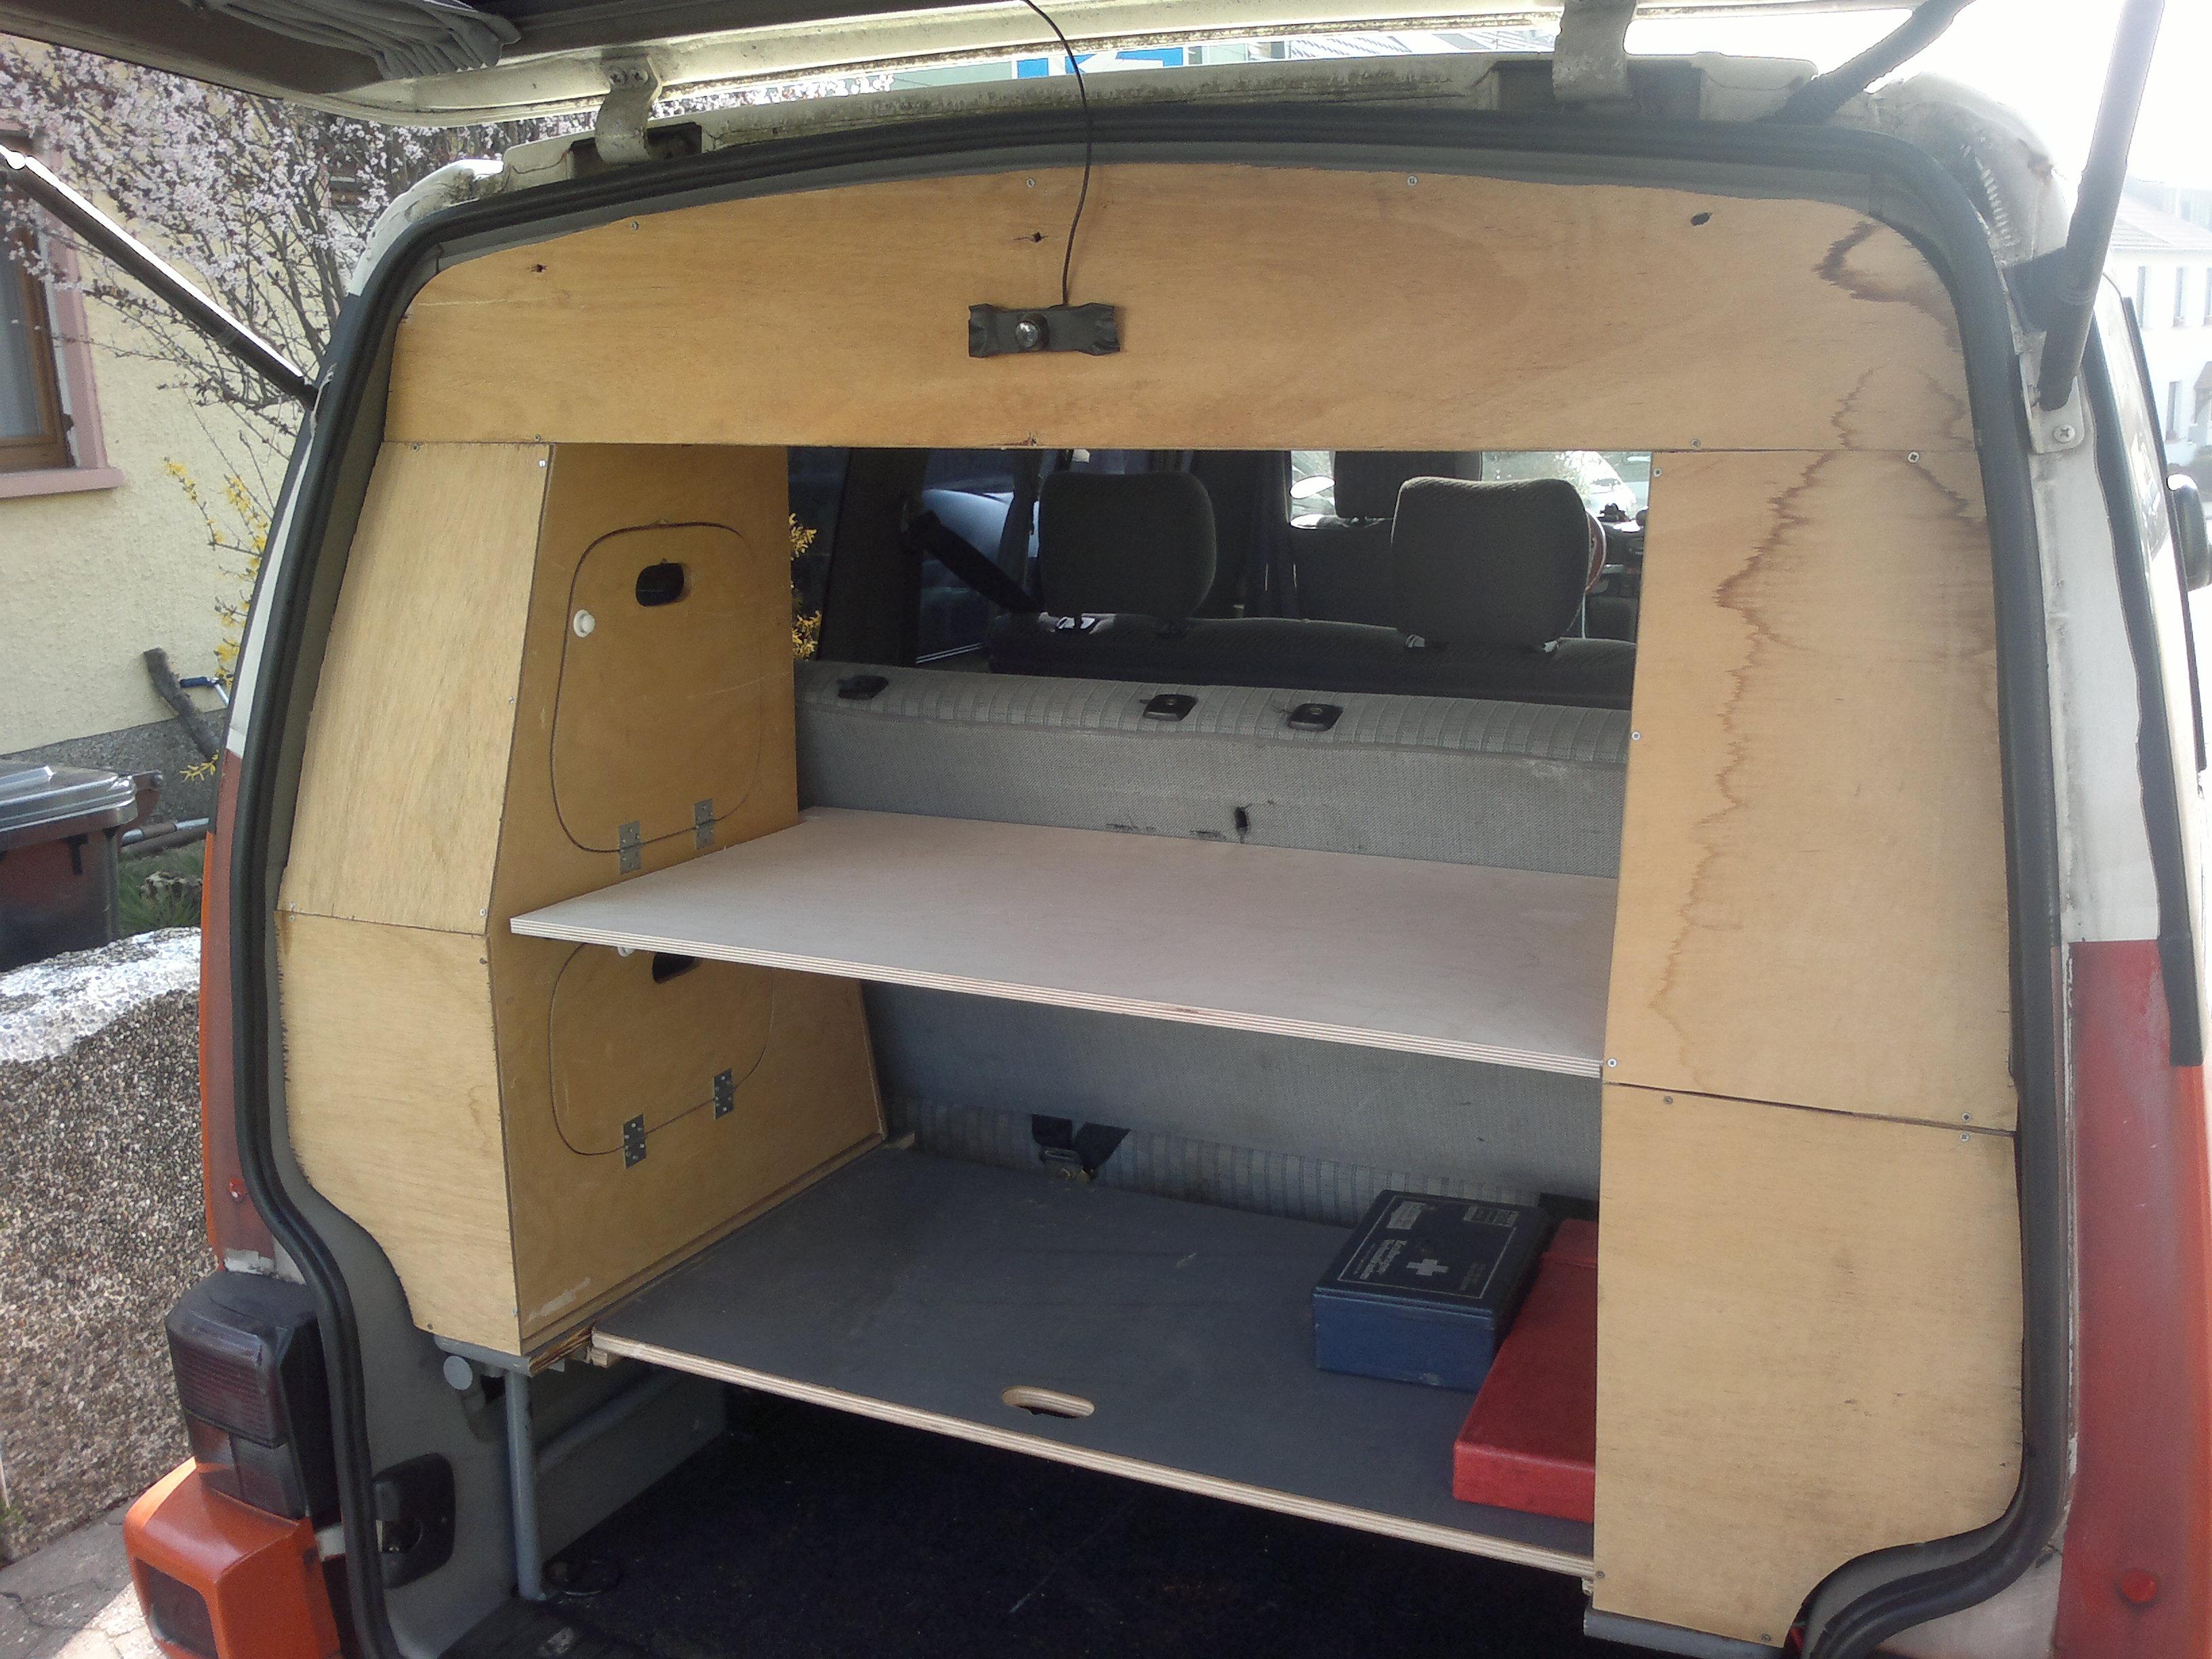 hechschrank selbst bauen wohnmobil und wohnwagentechnik. Black Bedroom Furniture Sets. Home Design Ideas